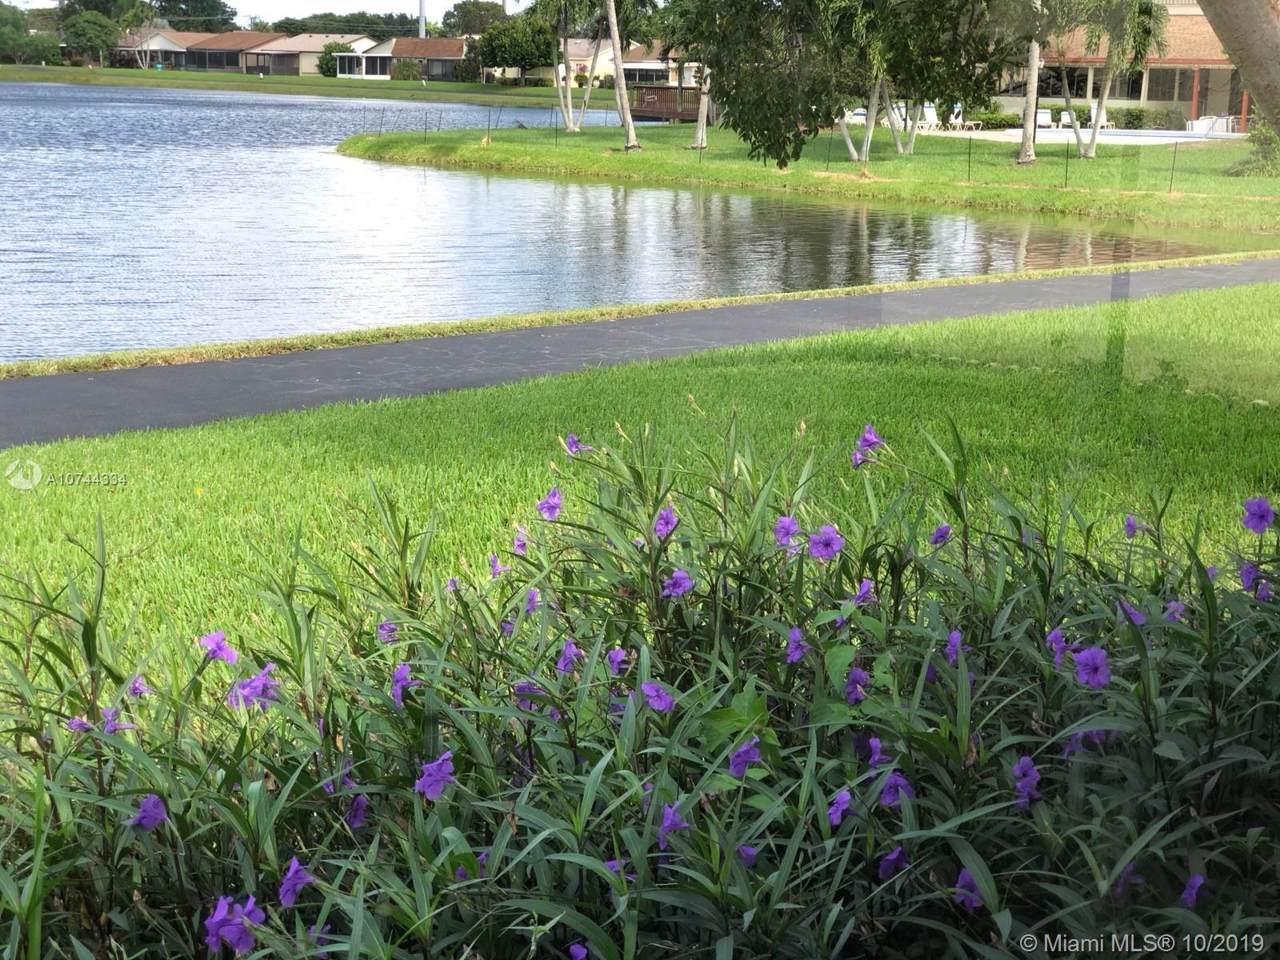 5363 Mirror Lakes Blvd - Photo 1